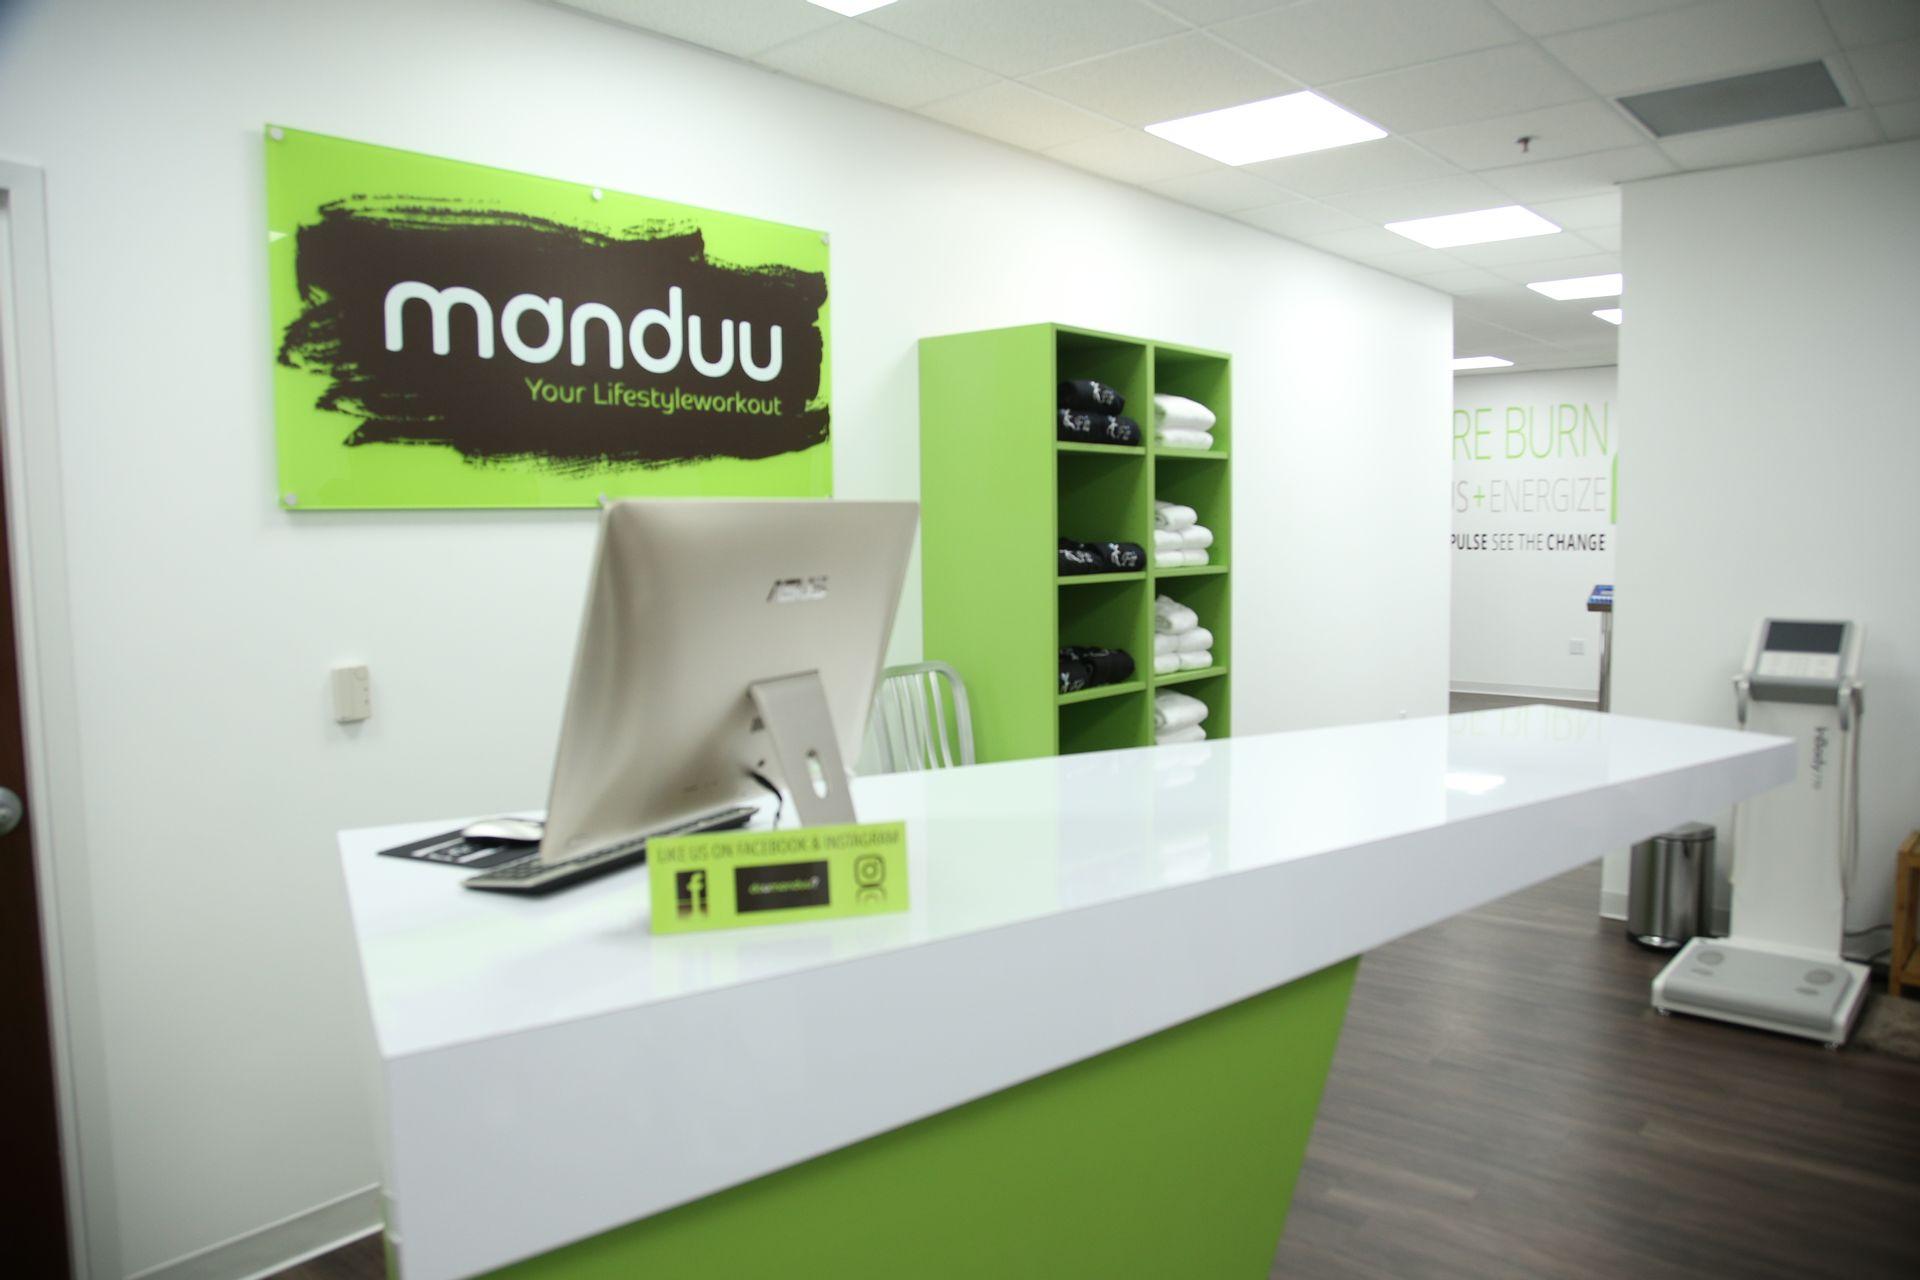 Genossenschaftliches EMS-Franchise-System M.A.N.D.U.: Neuer Vorstand und große USA-Expansion